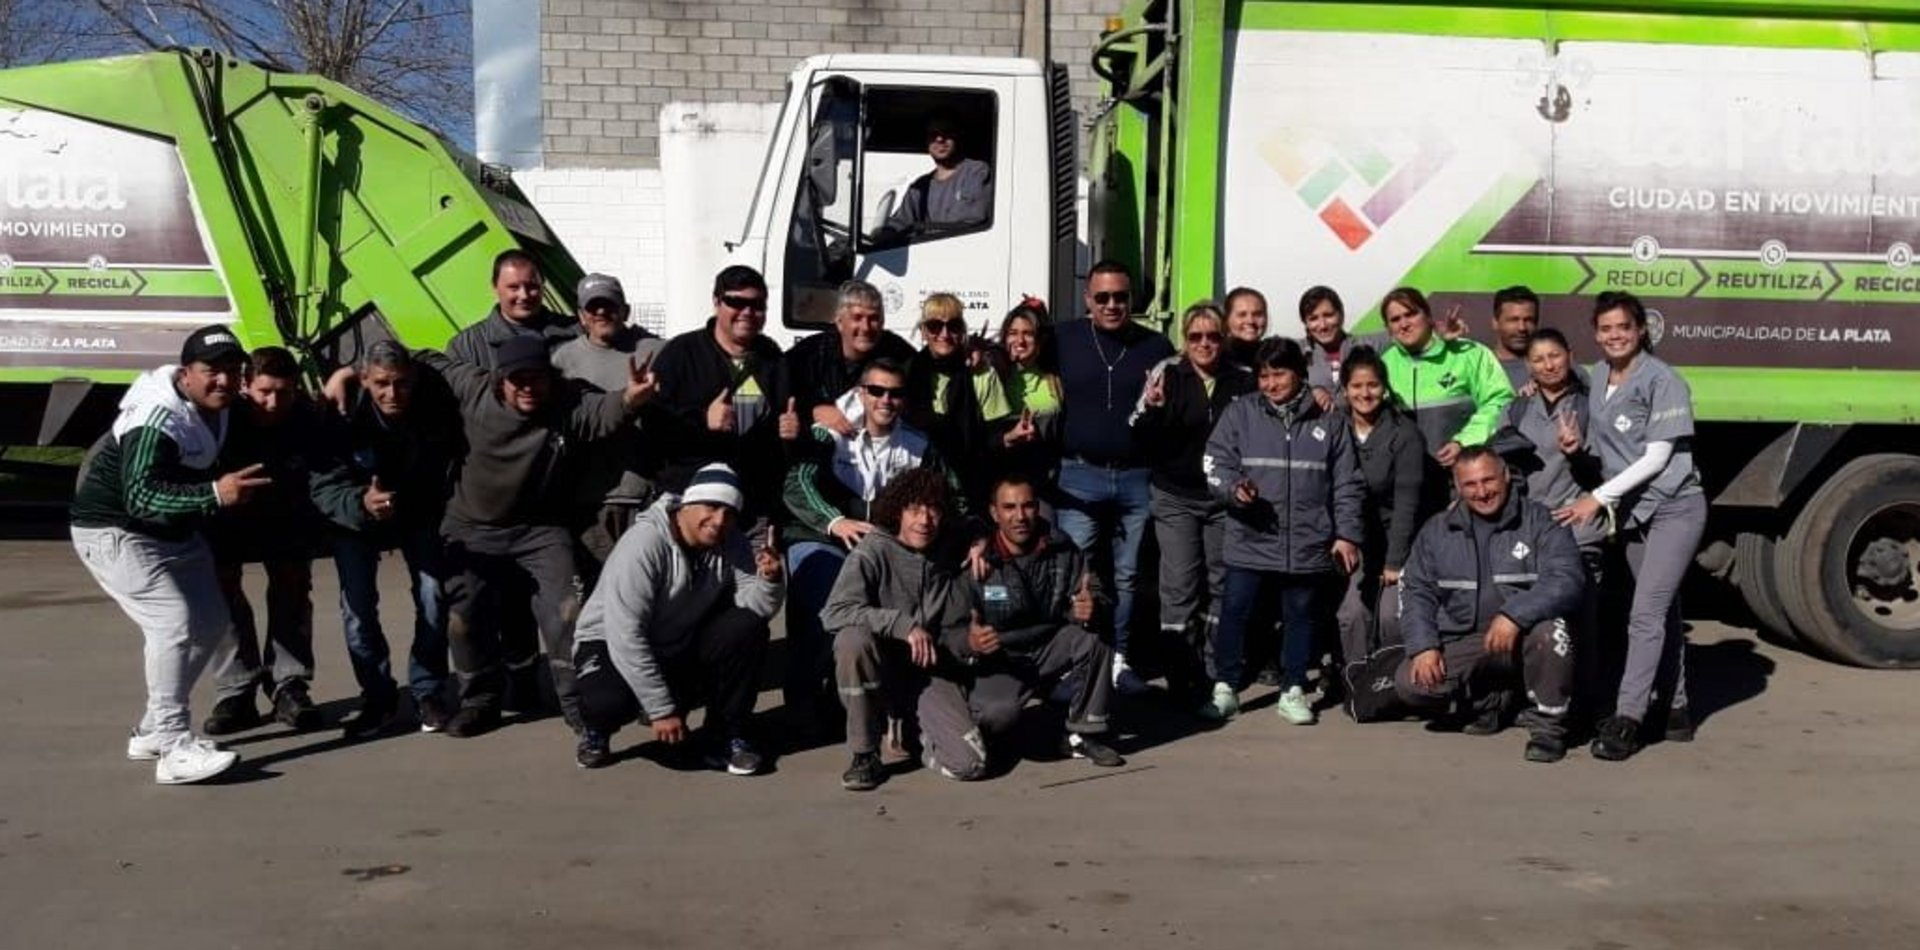 Por primera vez, habrá mujeres recolectoras de residuos en La Plata